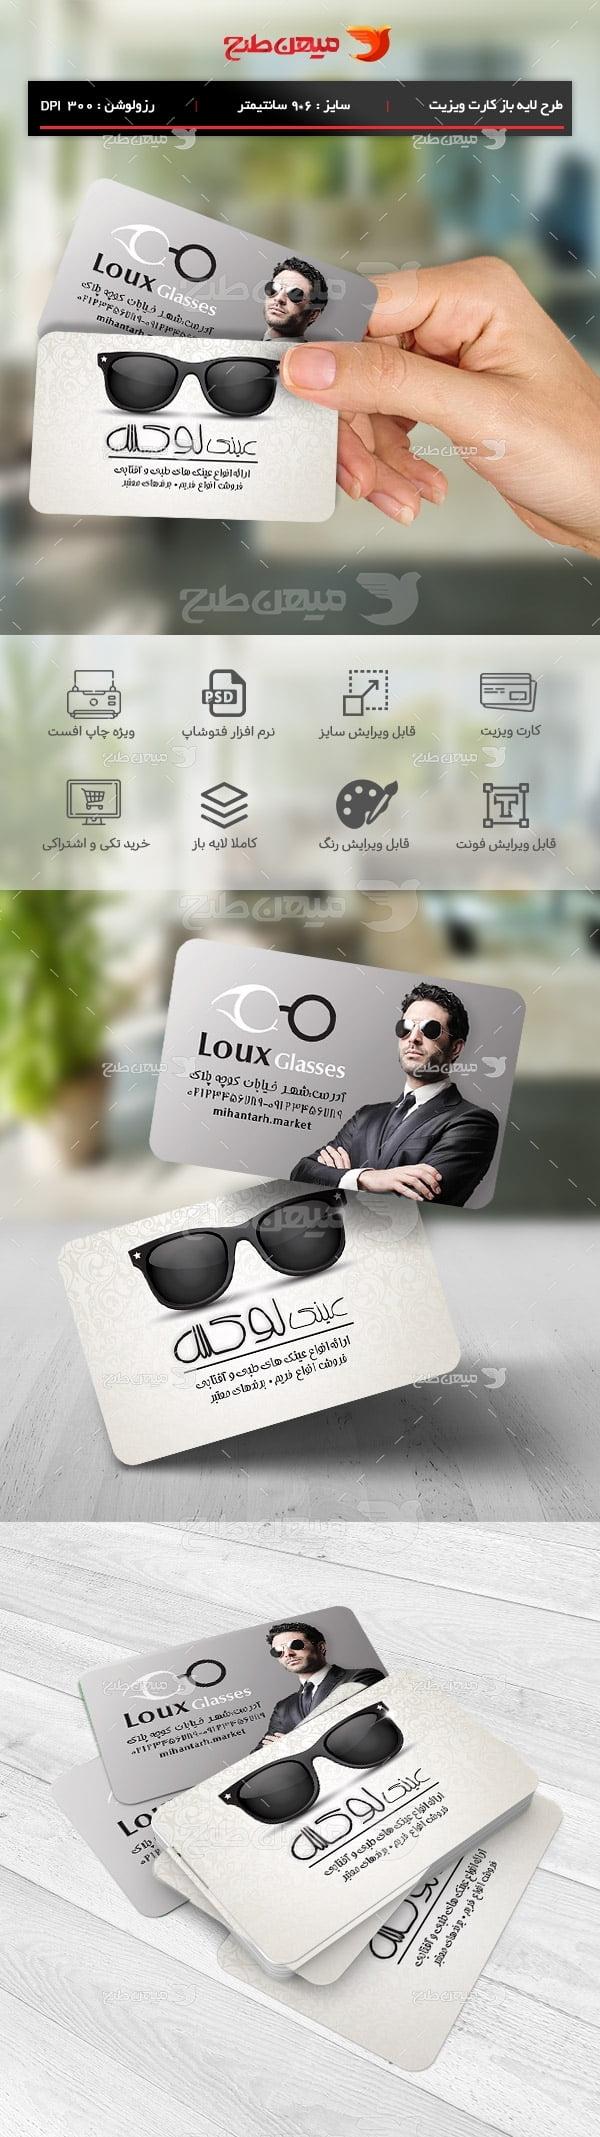 طرح لایه باز کارت ویزیت عینک فروشی